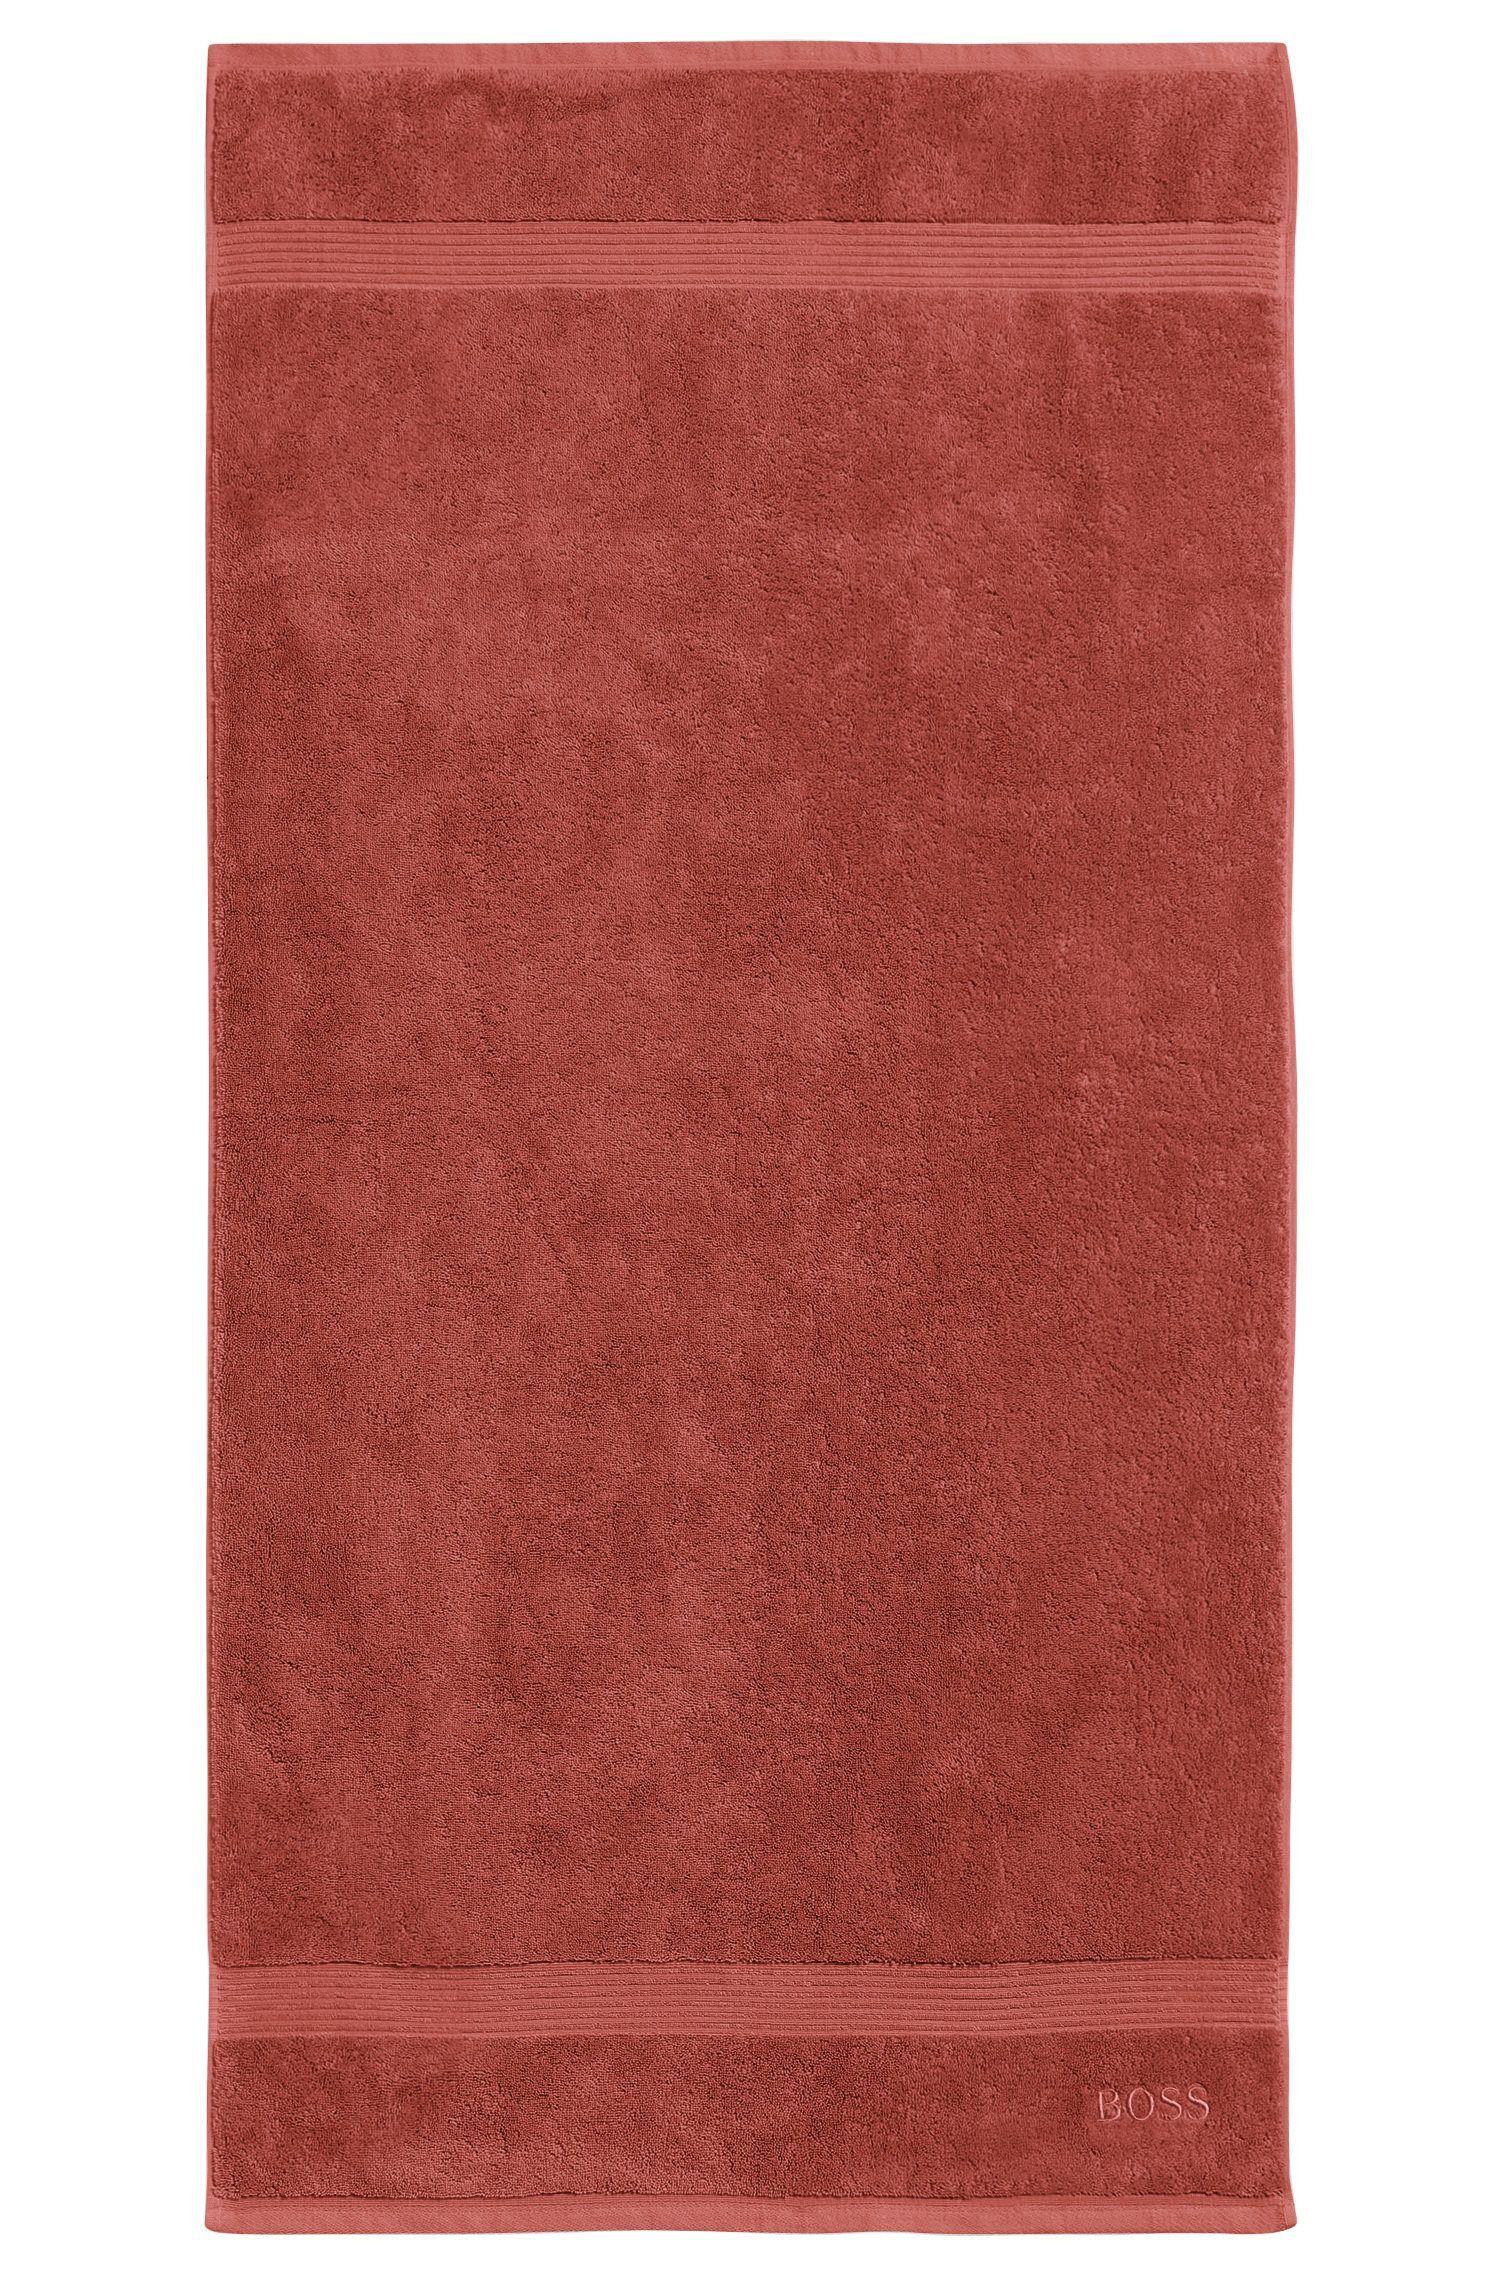 Serviette de bain en coton peigné de la mer Égée avec bordures côtelées, Orange foncé